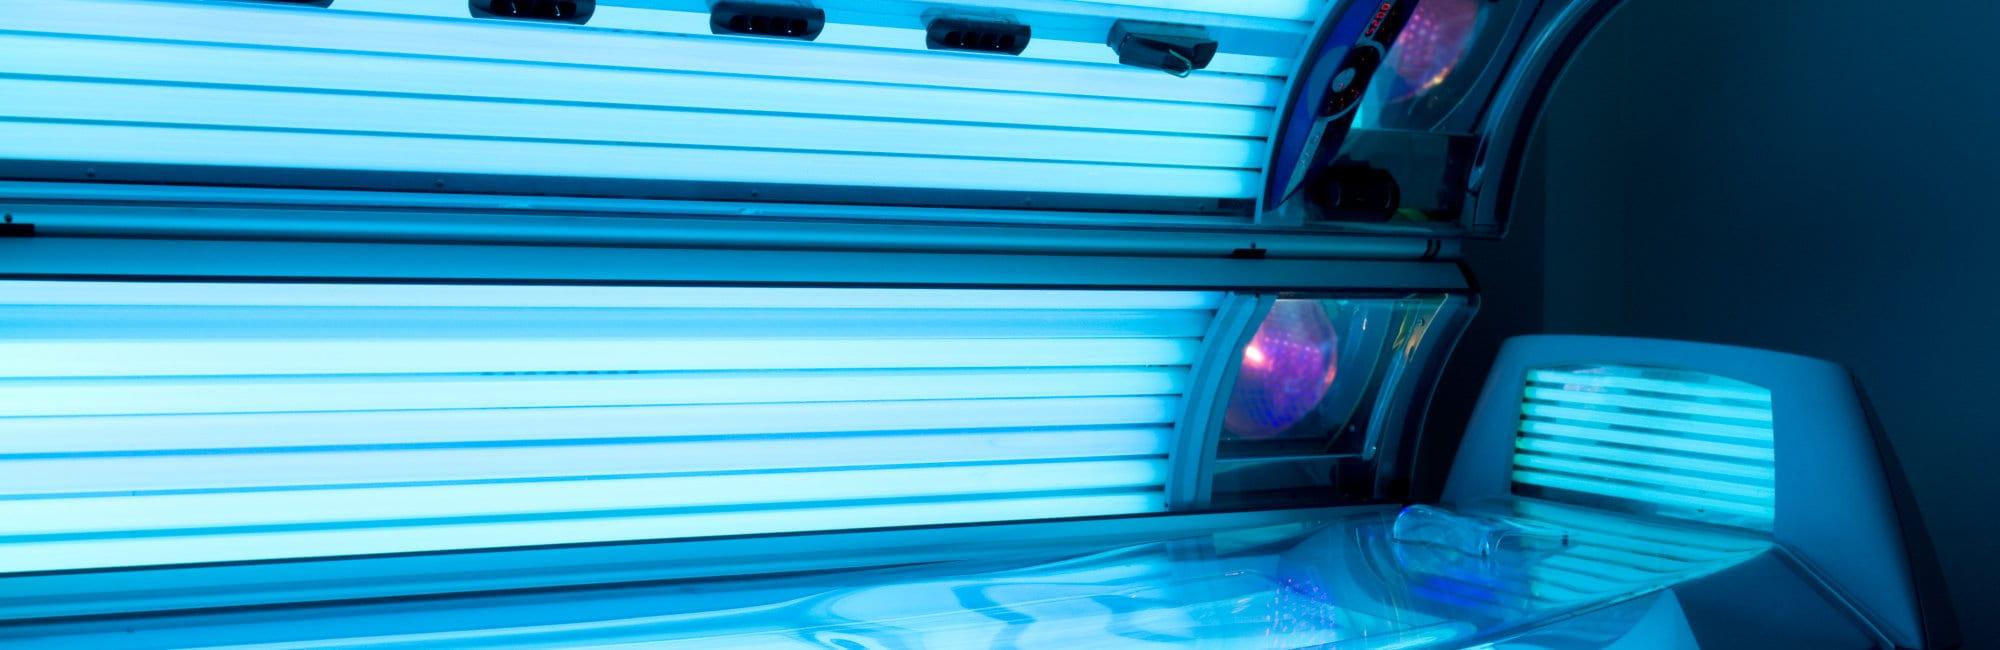 Tanning bed solrium at health club spa